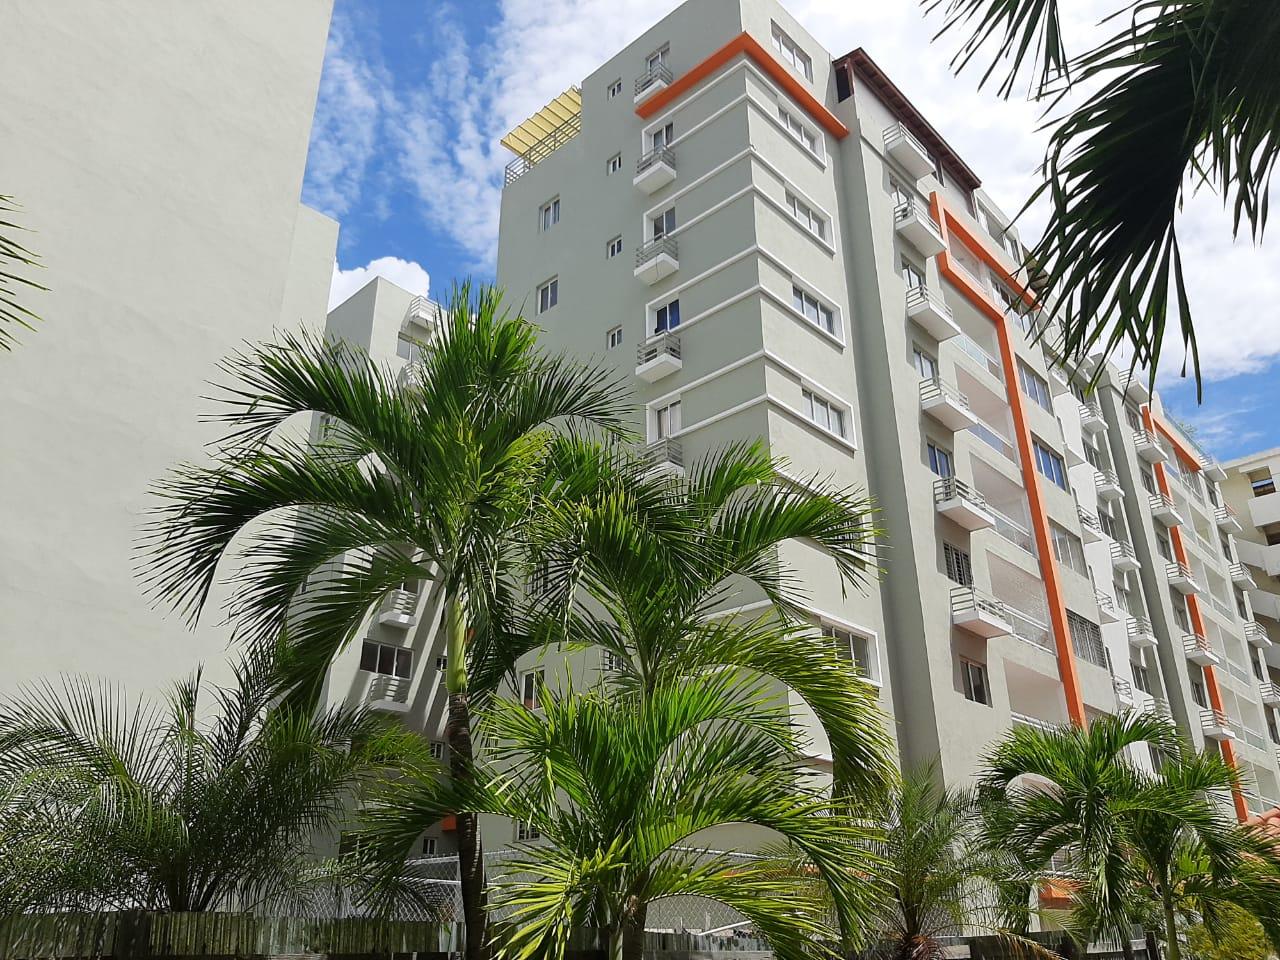 Residencial Crisfer Independencia «Apartamentos en la Independencia Santo Domingo » US$114,150